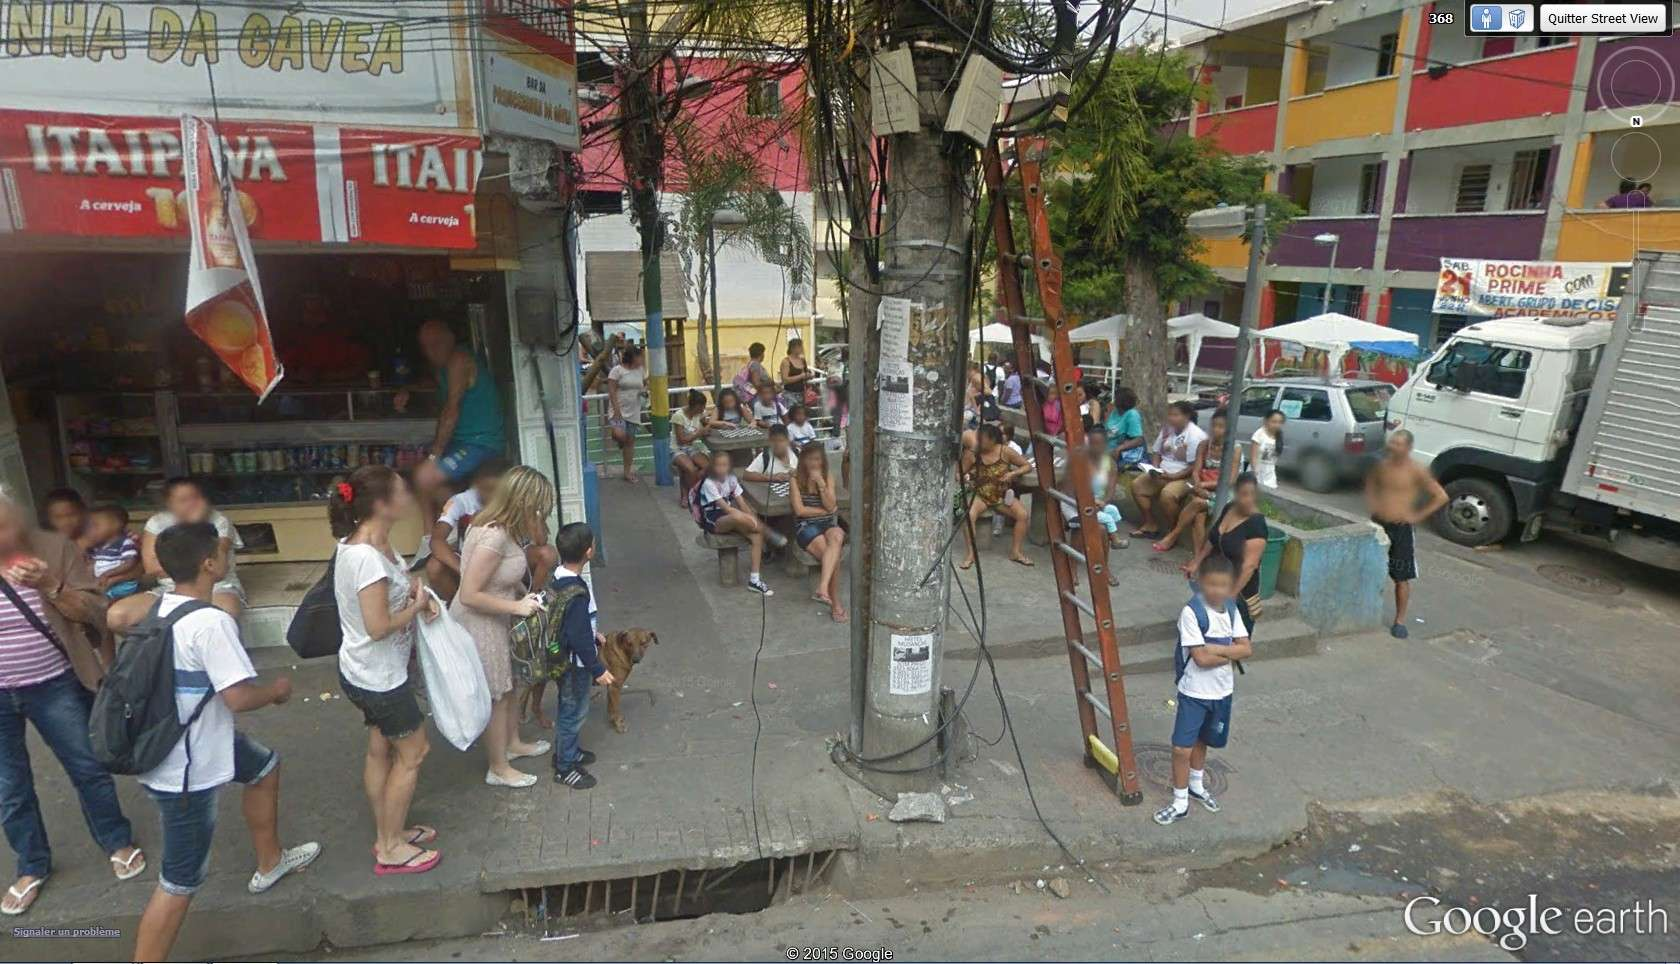 Comment remédier à la surpopulation - Rio de Janeiro - Brésil 2015-016